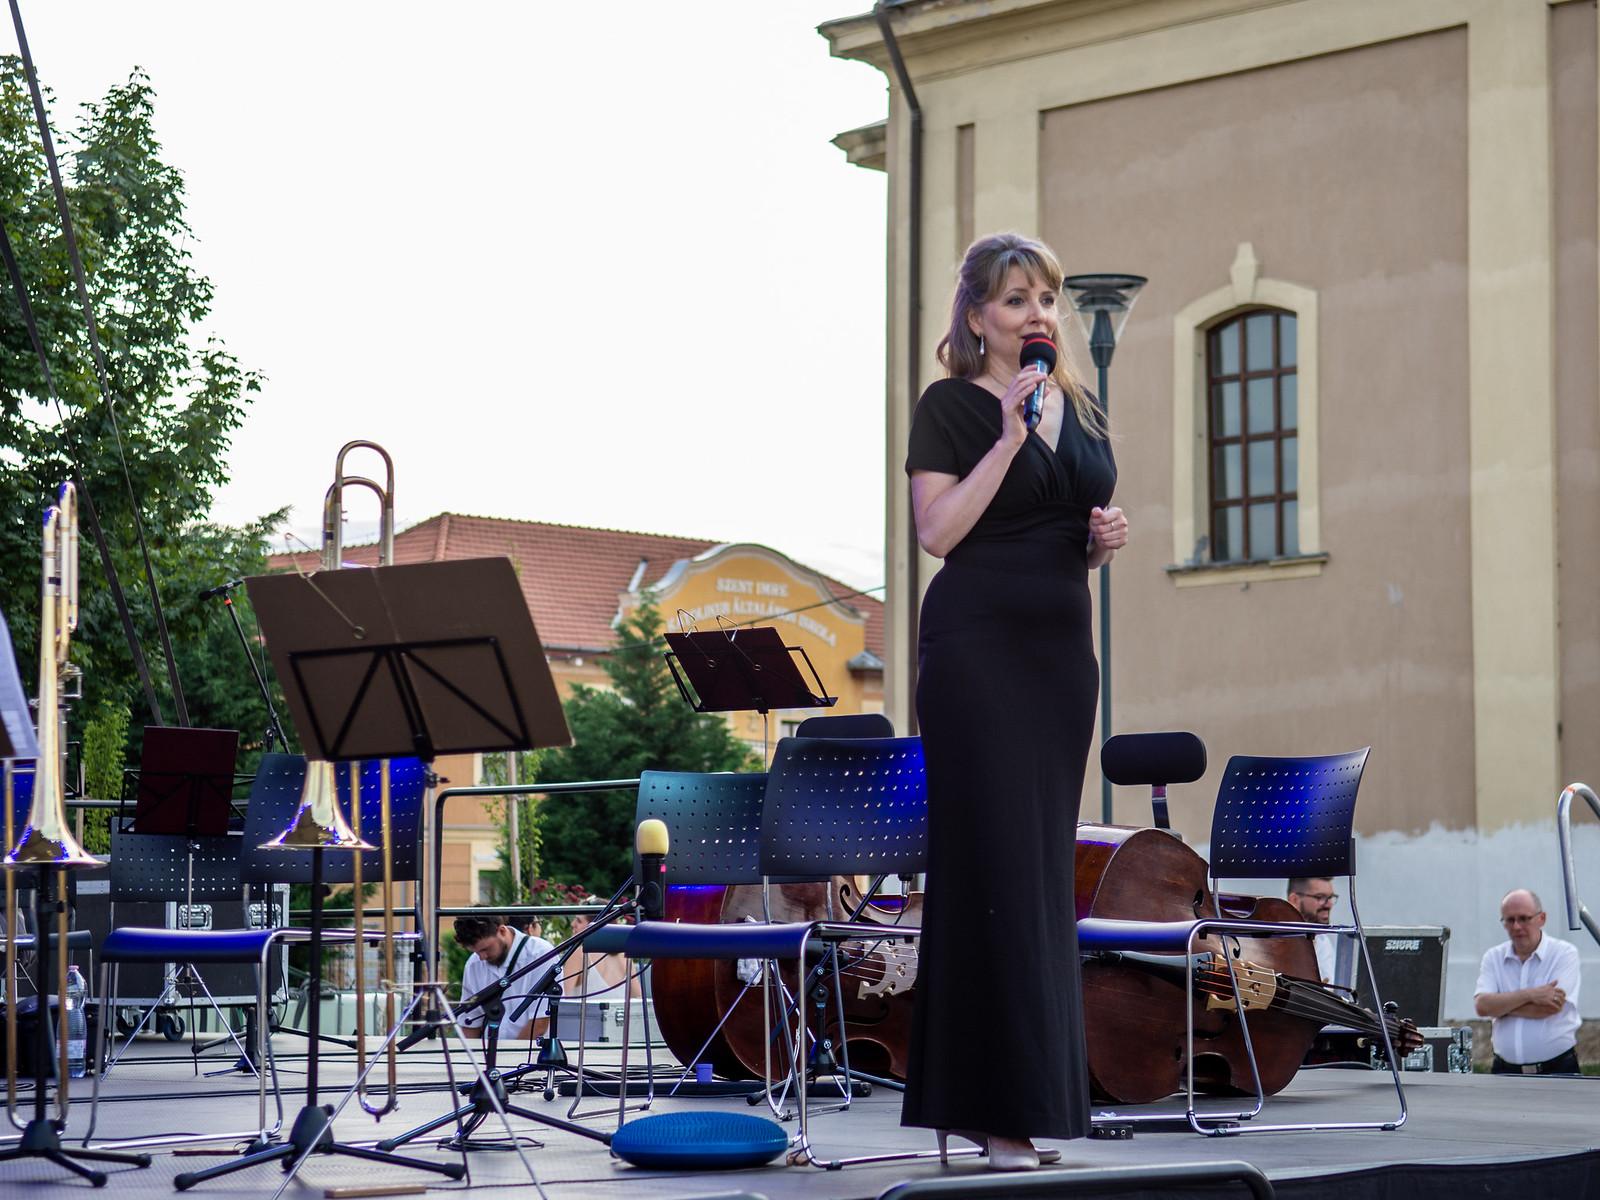 Tiszafüreden koncertezett a Szolnoki Szimfonikus Zenekar